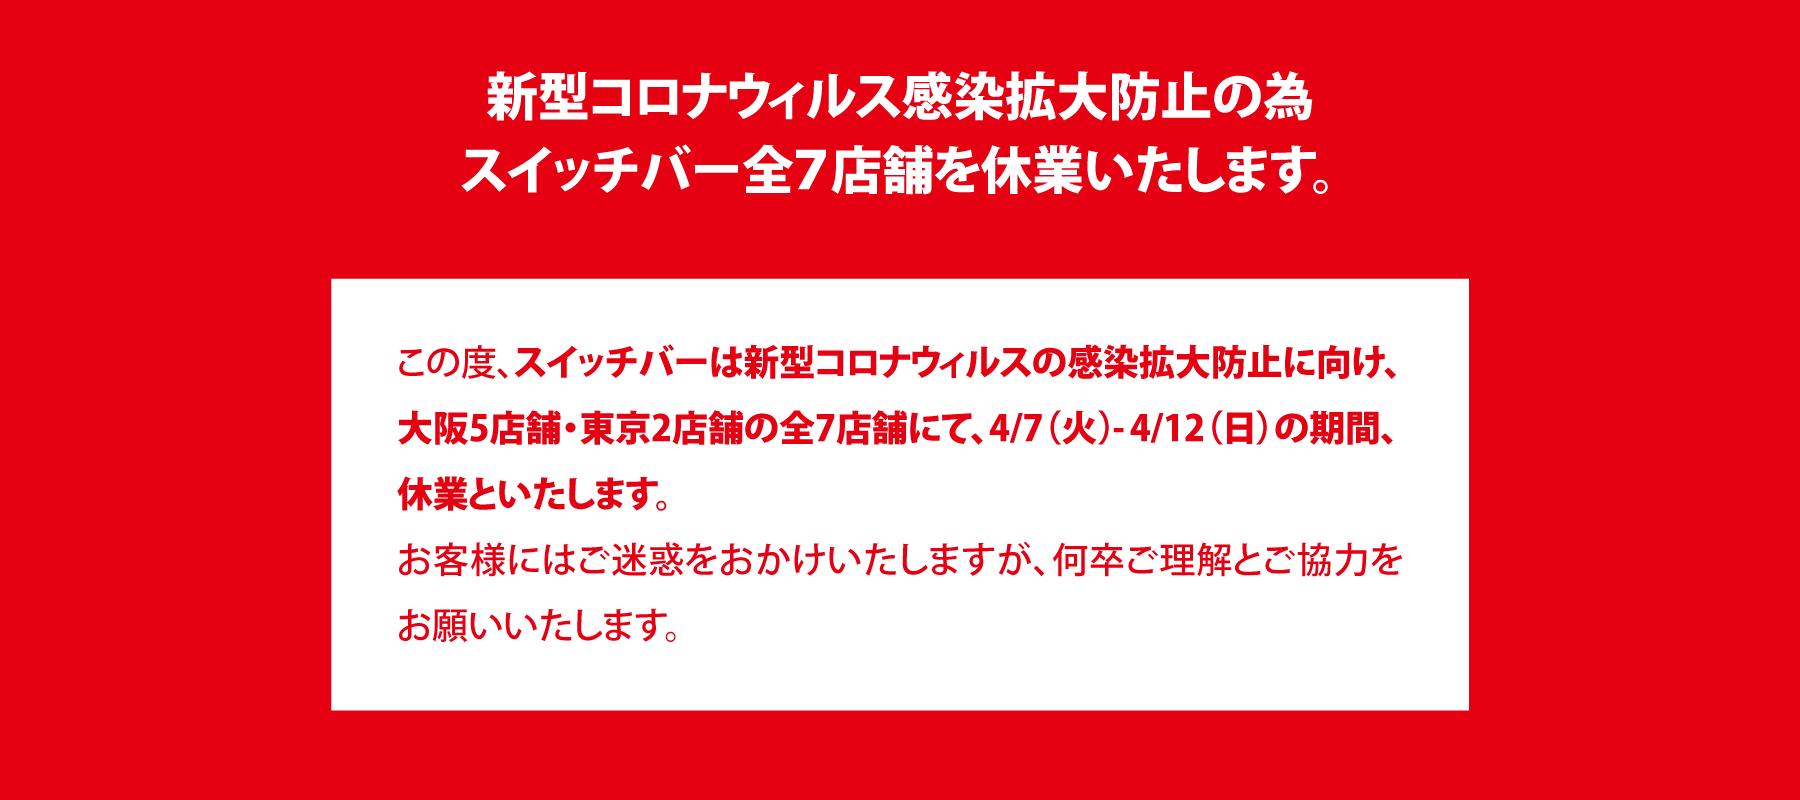 kyugyo_banner